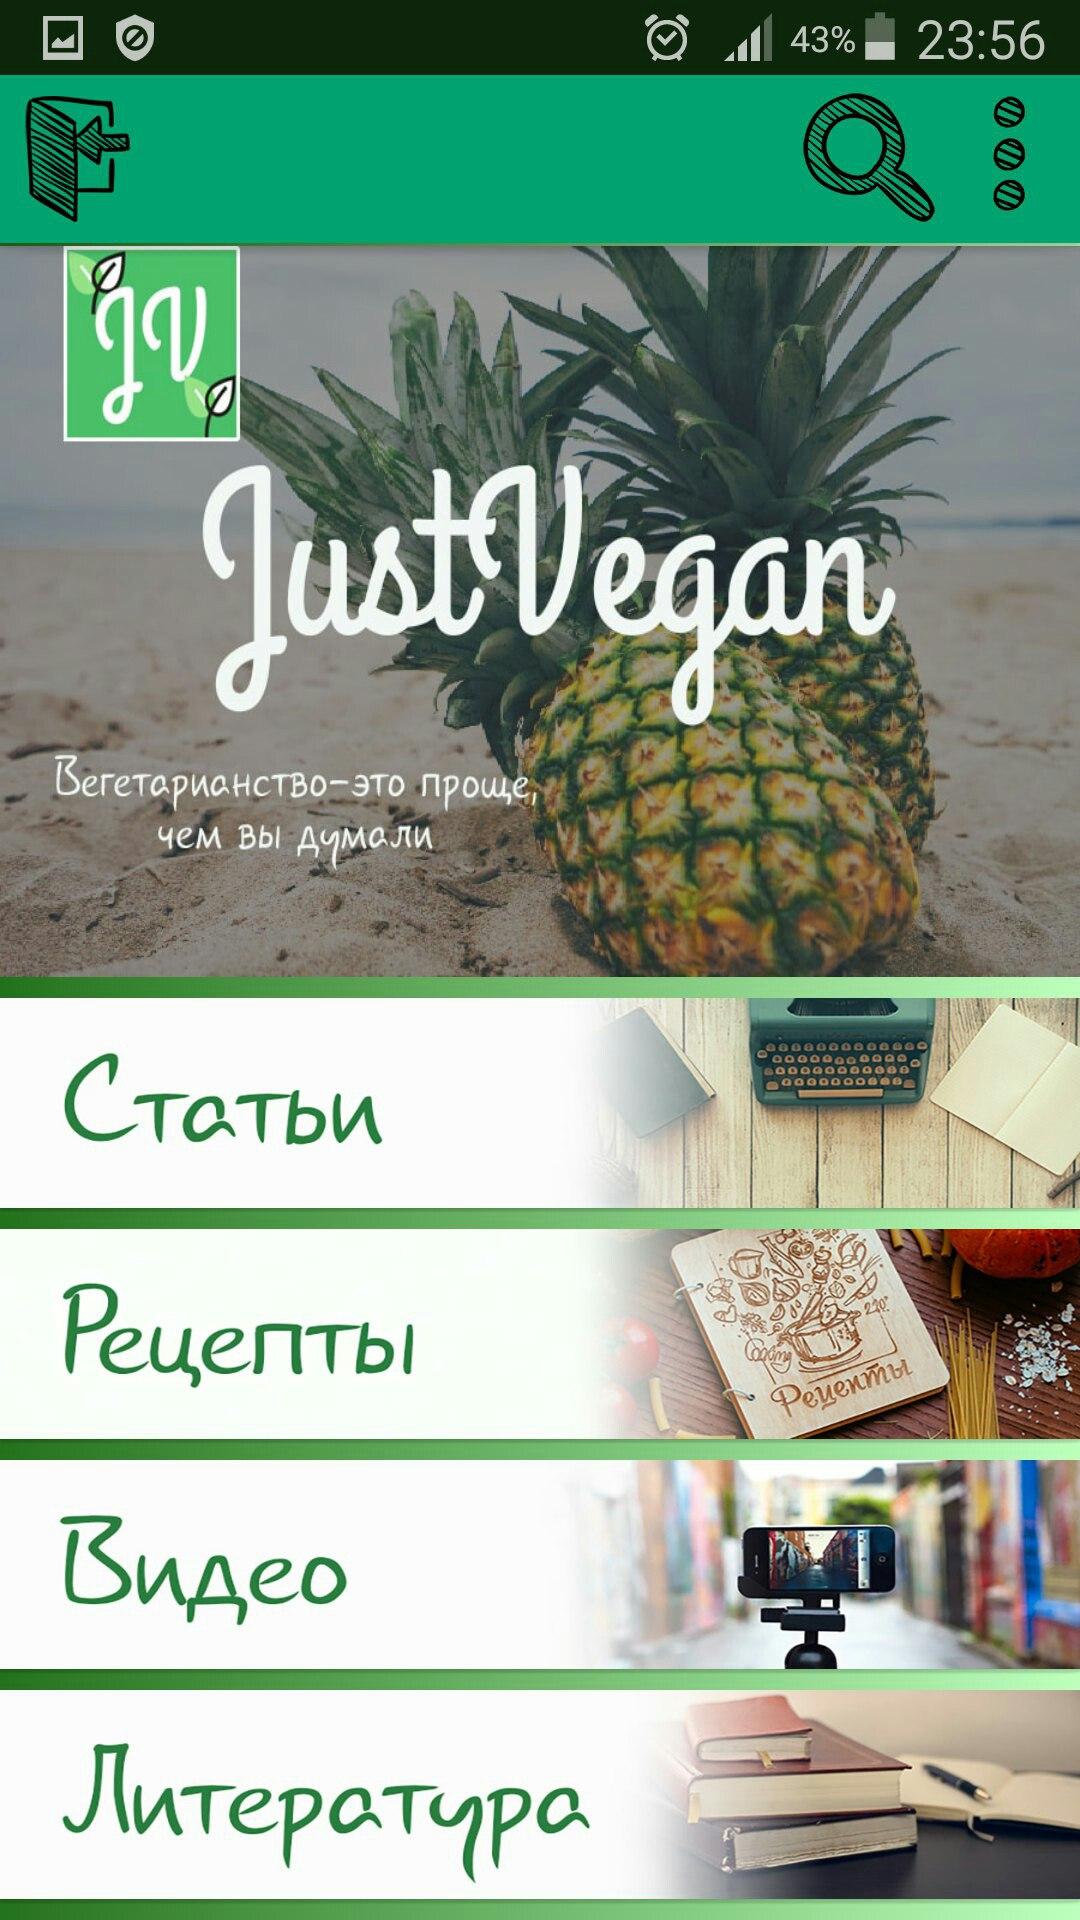 Just Vegan - новое мобильное приложение для веганов и вегетарианцев | Центр защиты прав животных «ВИТА»